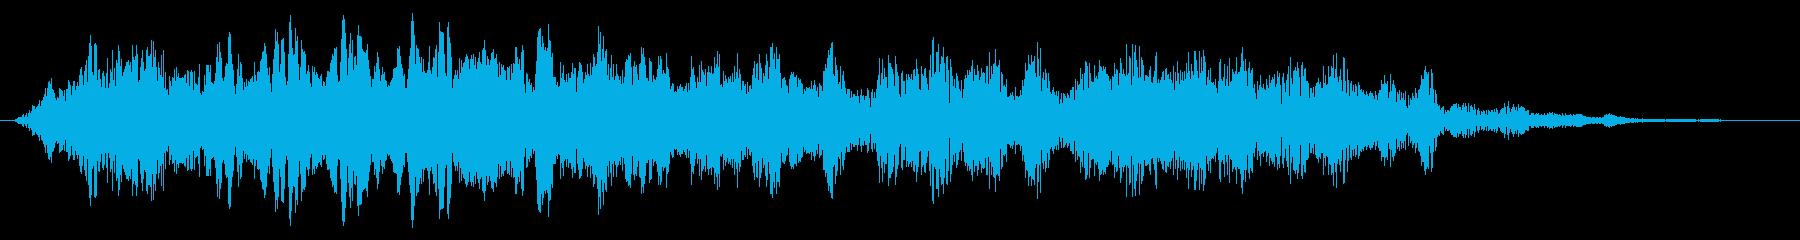 怖い音 怨念 呪い 唸り声 ホラーノイズの再生済みの波形